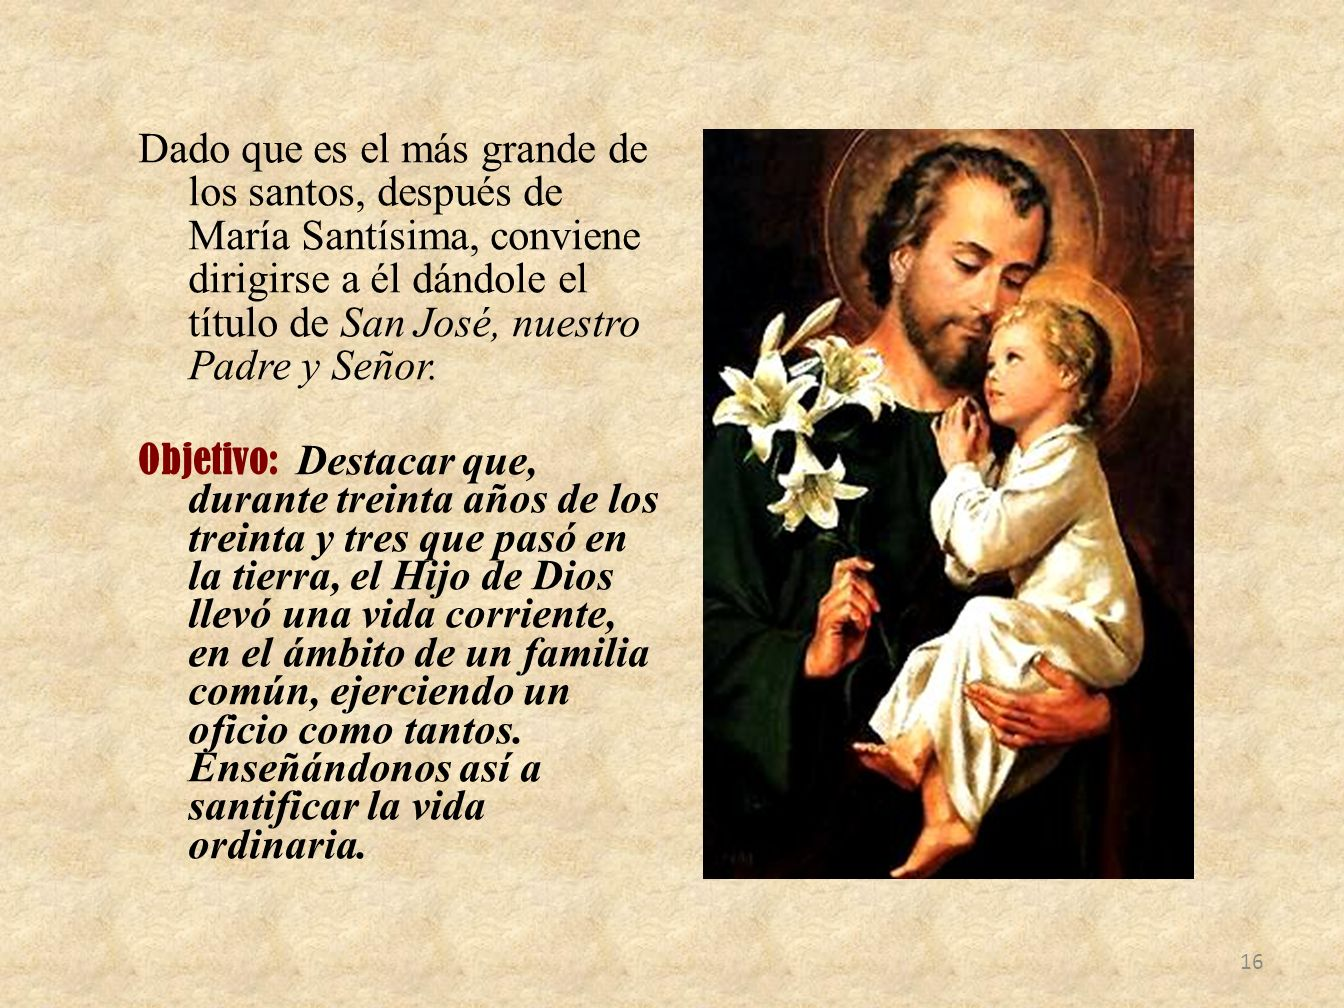 Dado que es el más grande de los santos, después de María Santísima, conviene dirigirse a él dándole el título de San José, nuestro Padre y Señor.